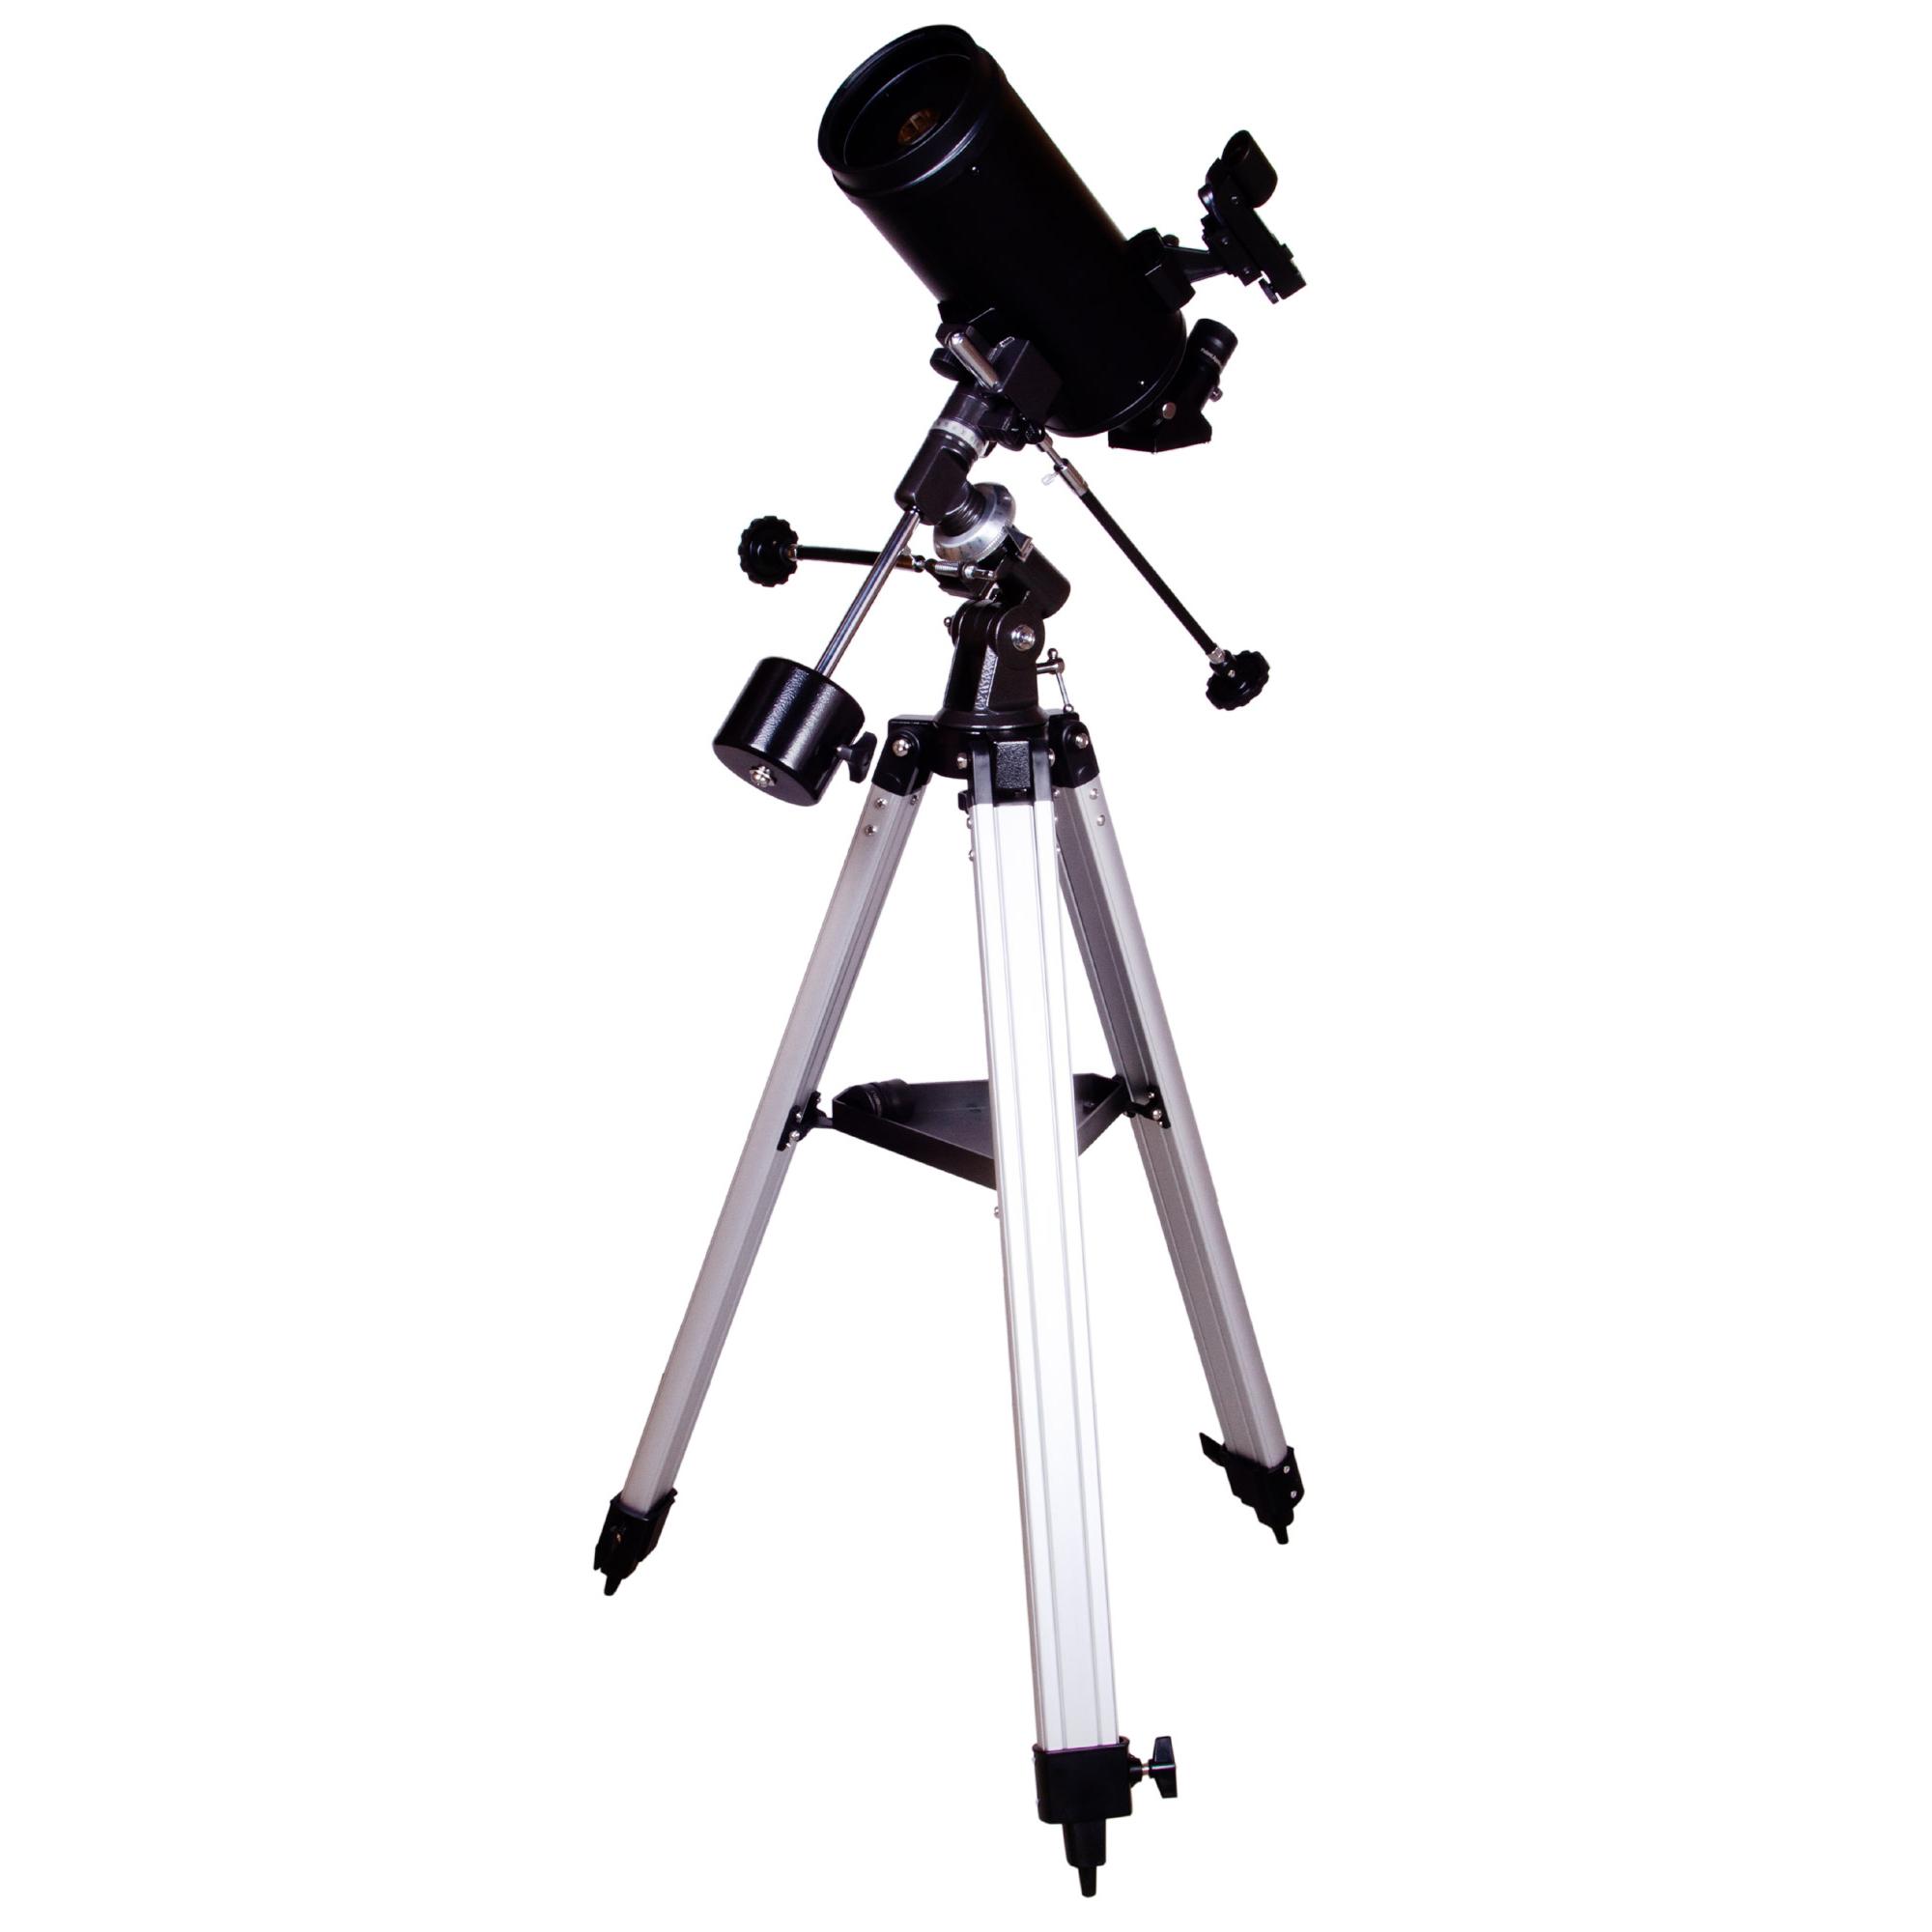 Фото - Телескоп Levenhuk Skyline PLUS 105 MAK (+ Книга «Космос. Непустая пустота» в подарок!) телескоп levenhuk skyline pro 127 mak